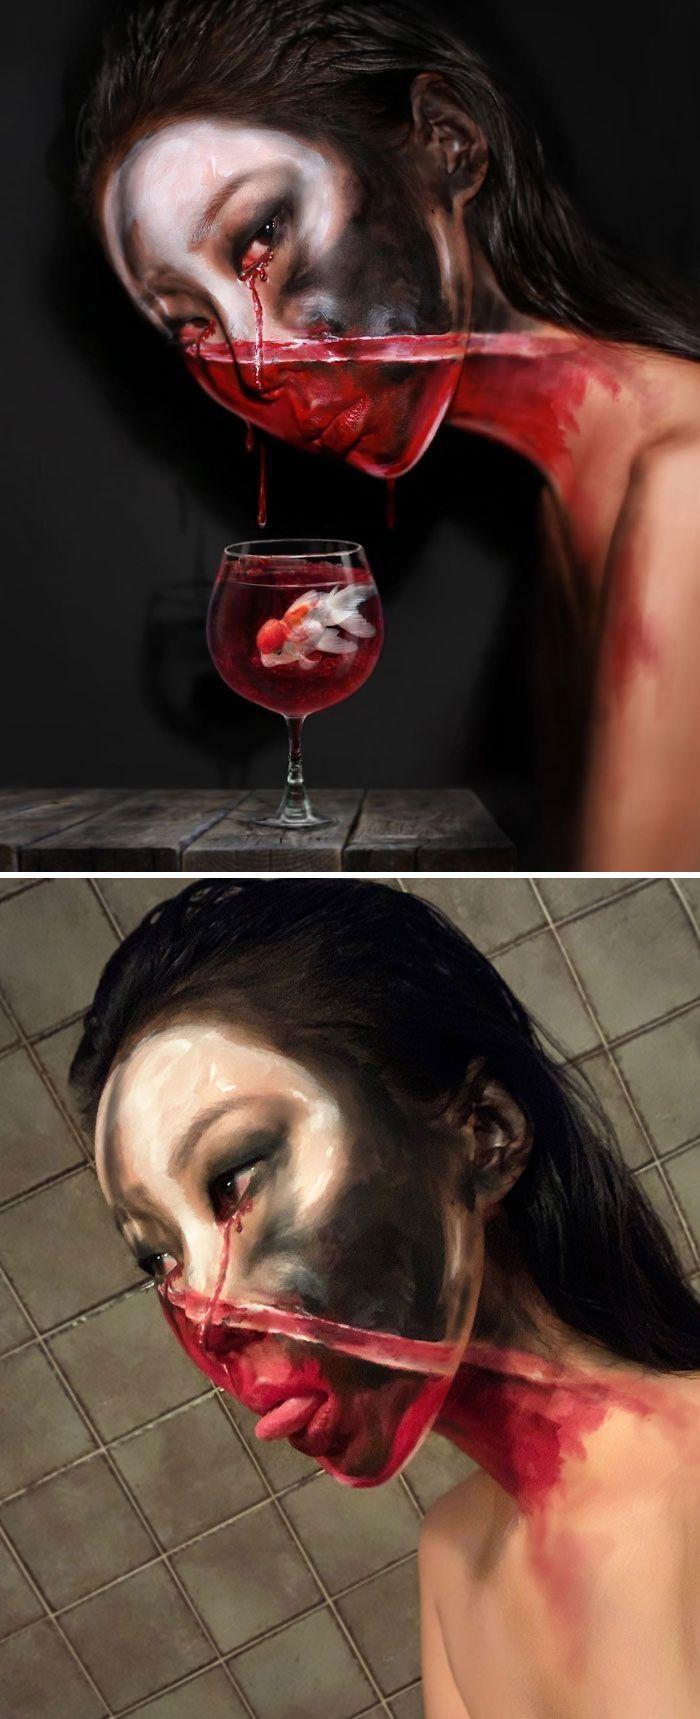 O que este artista faz com o rosto dela mexe seriamente com a sua mente (36 fotos) 36